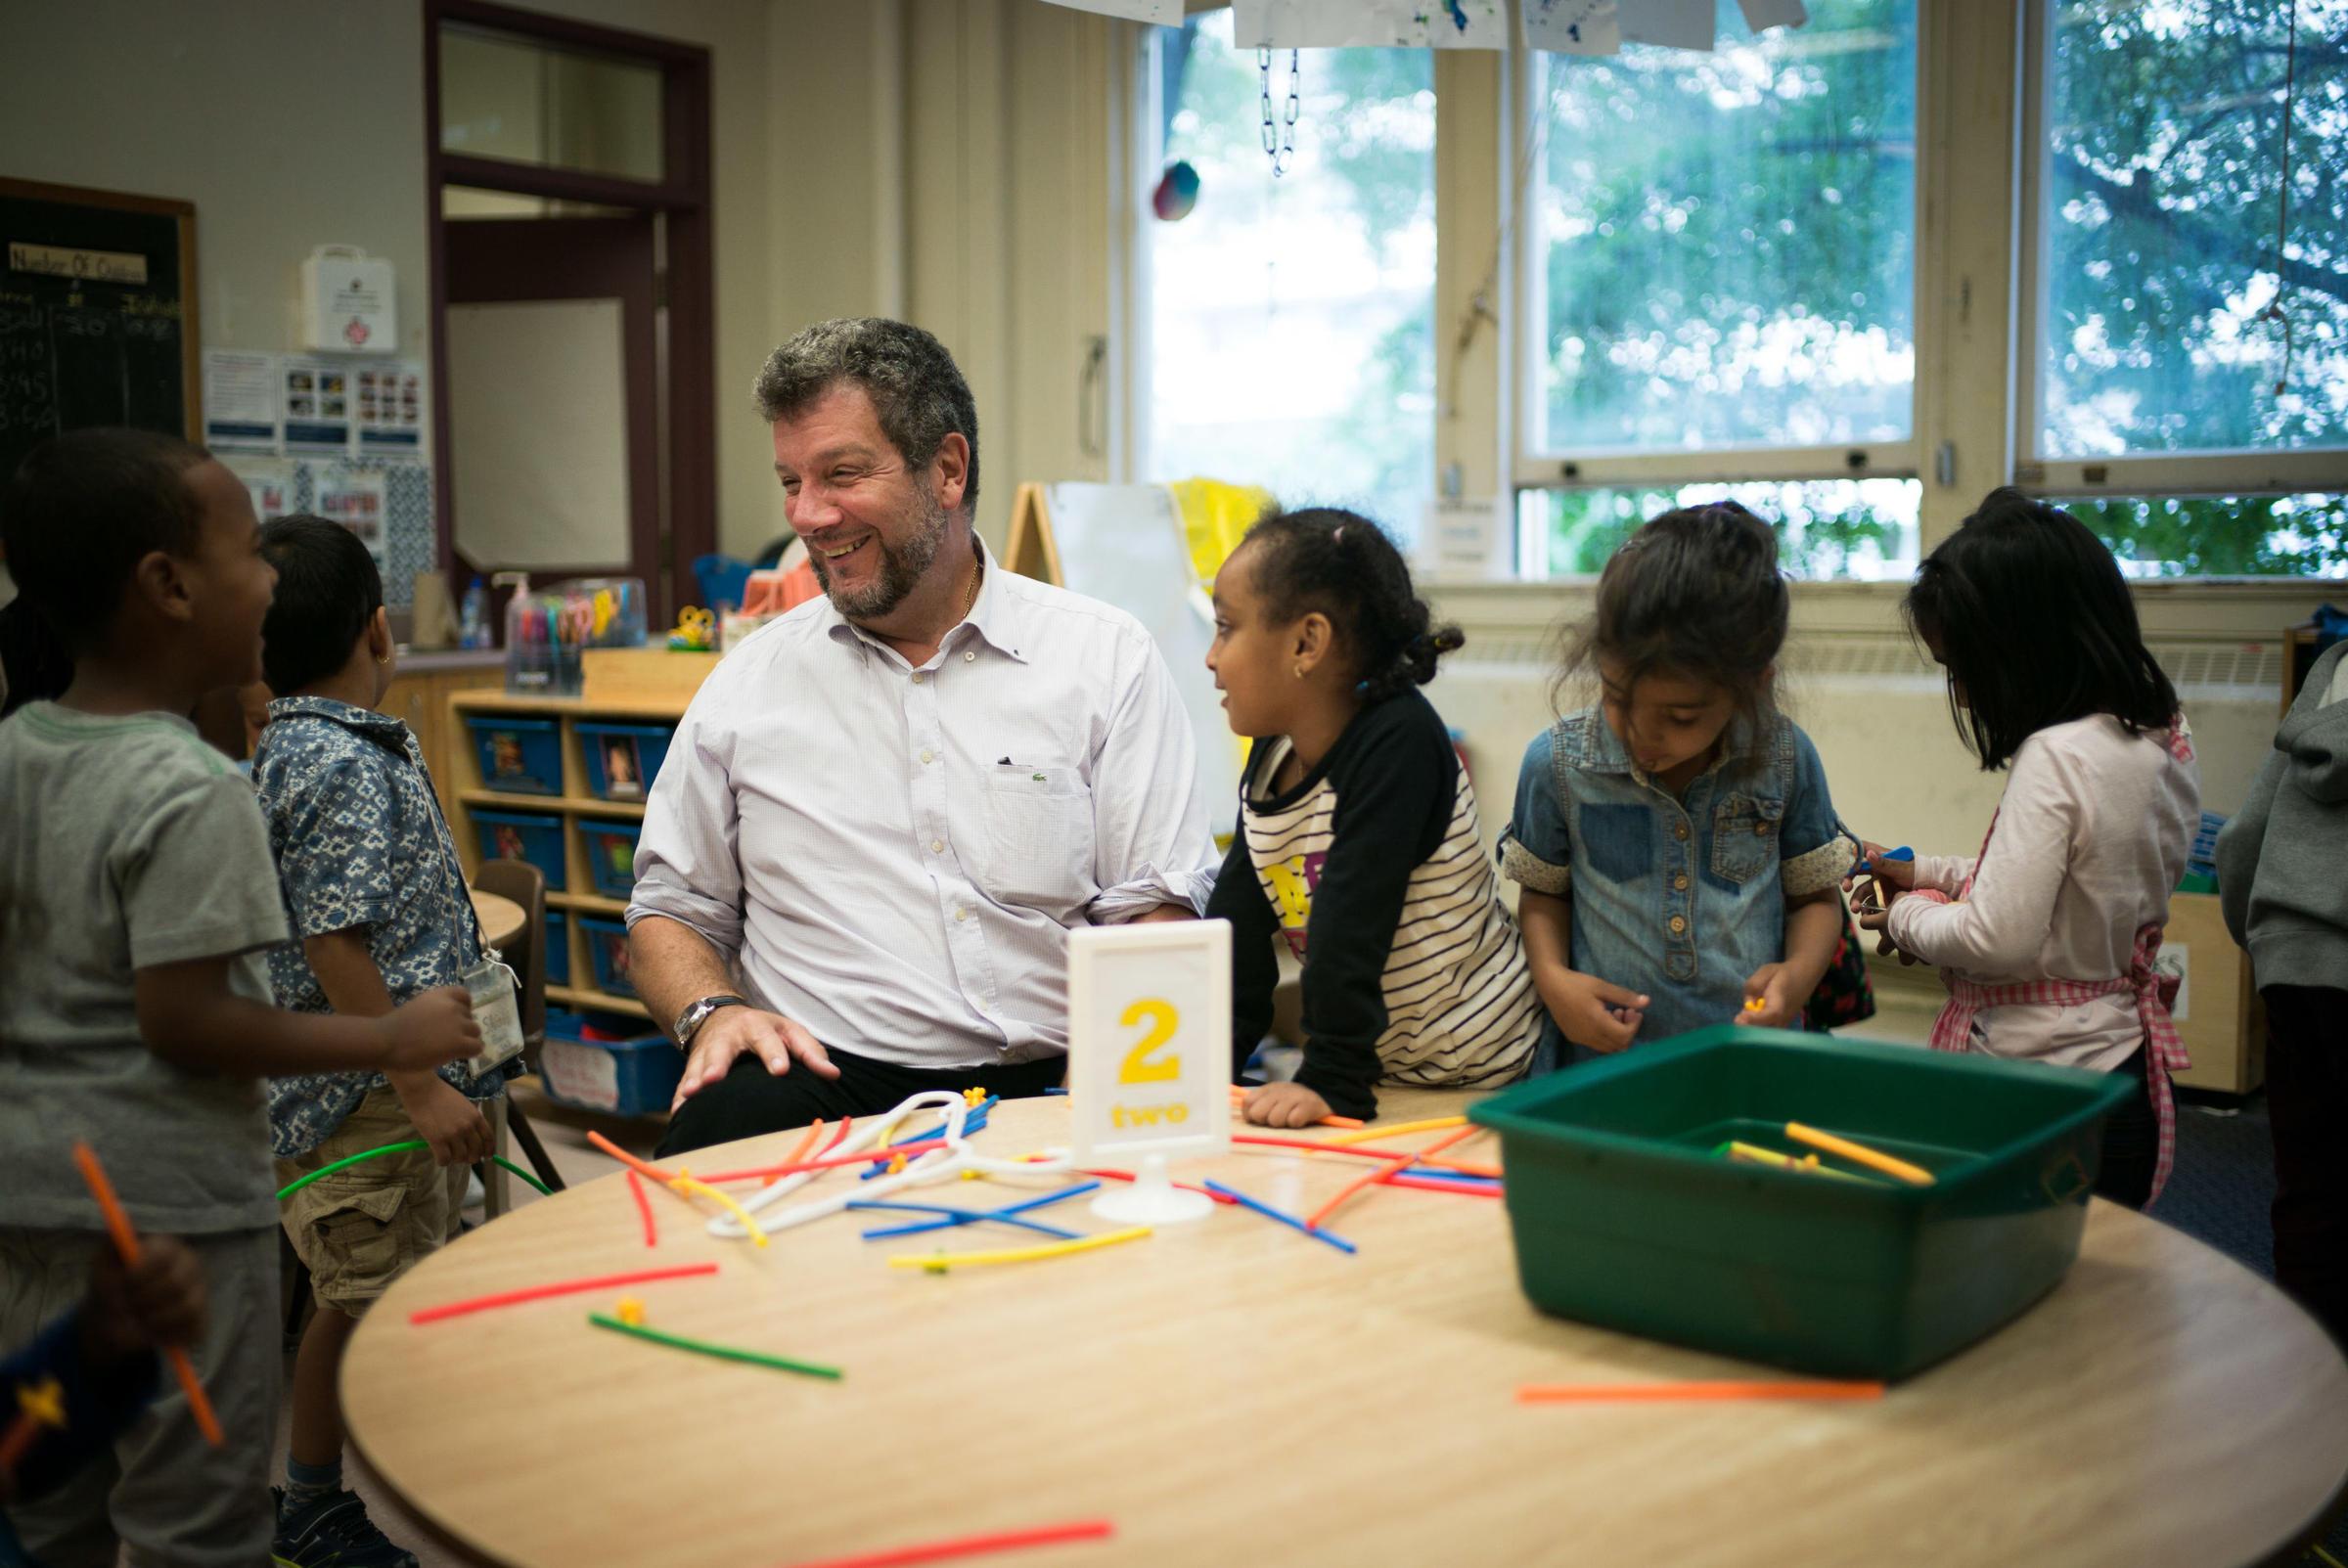 Principal David Crichton, with students at Rose Avenue Public School in Toronto, Ontario, Canada.